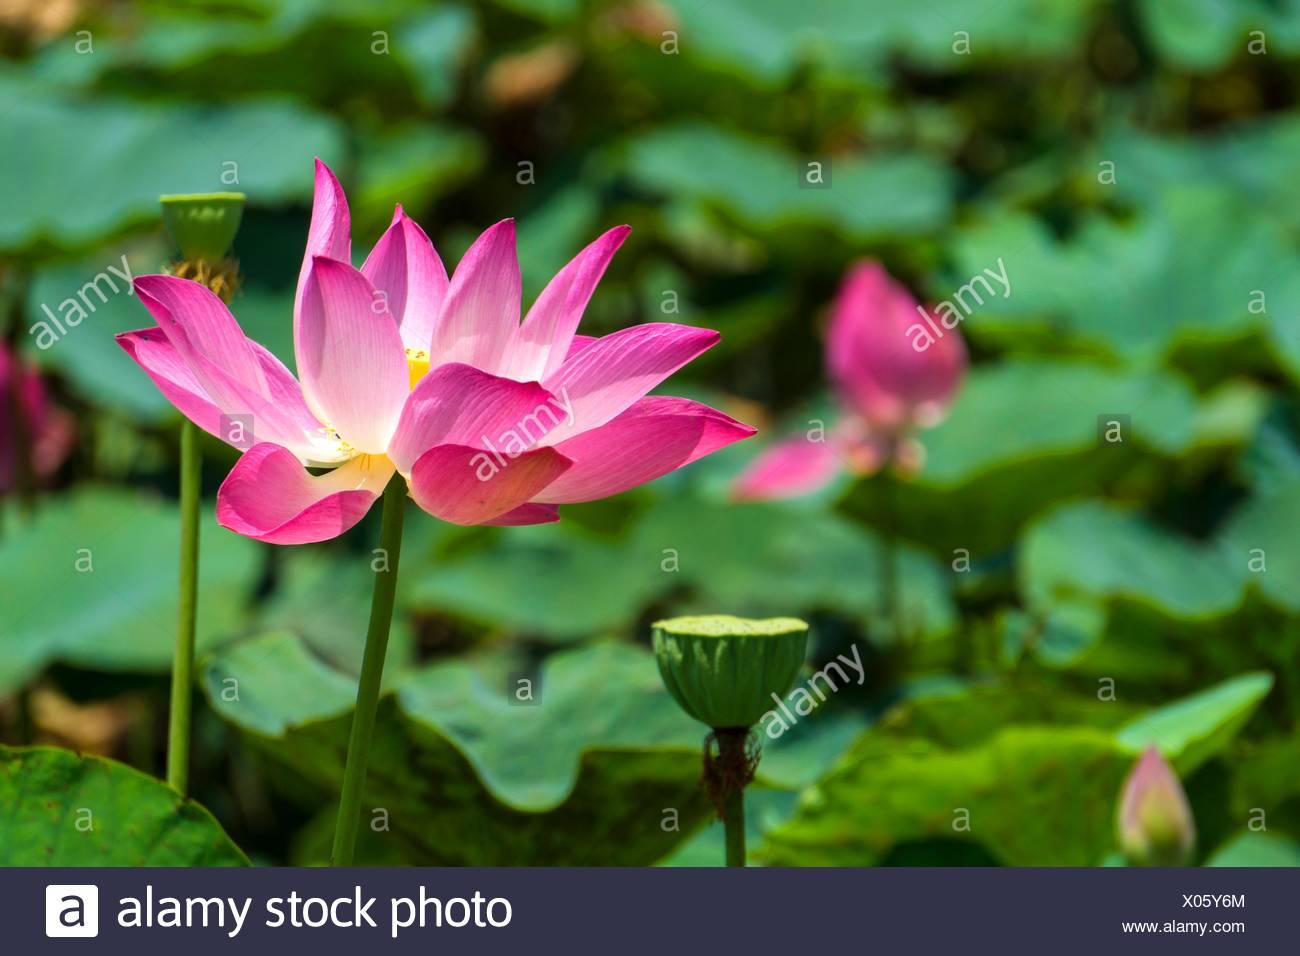 Red lotus flower stock photos red lotus flower stock images alamy red lotus flower stock image mightylinksfo